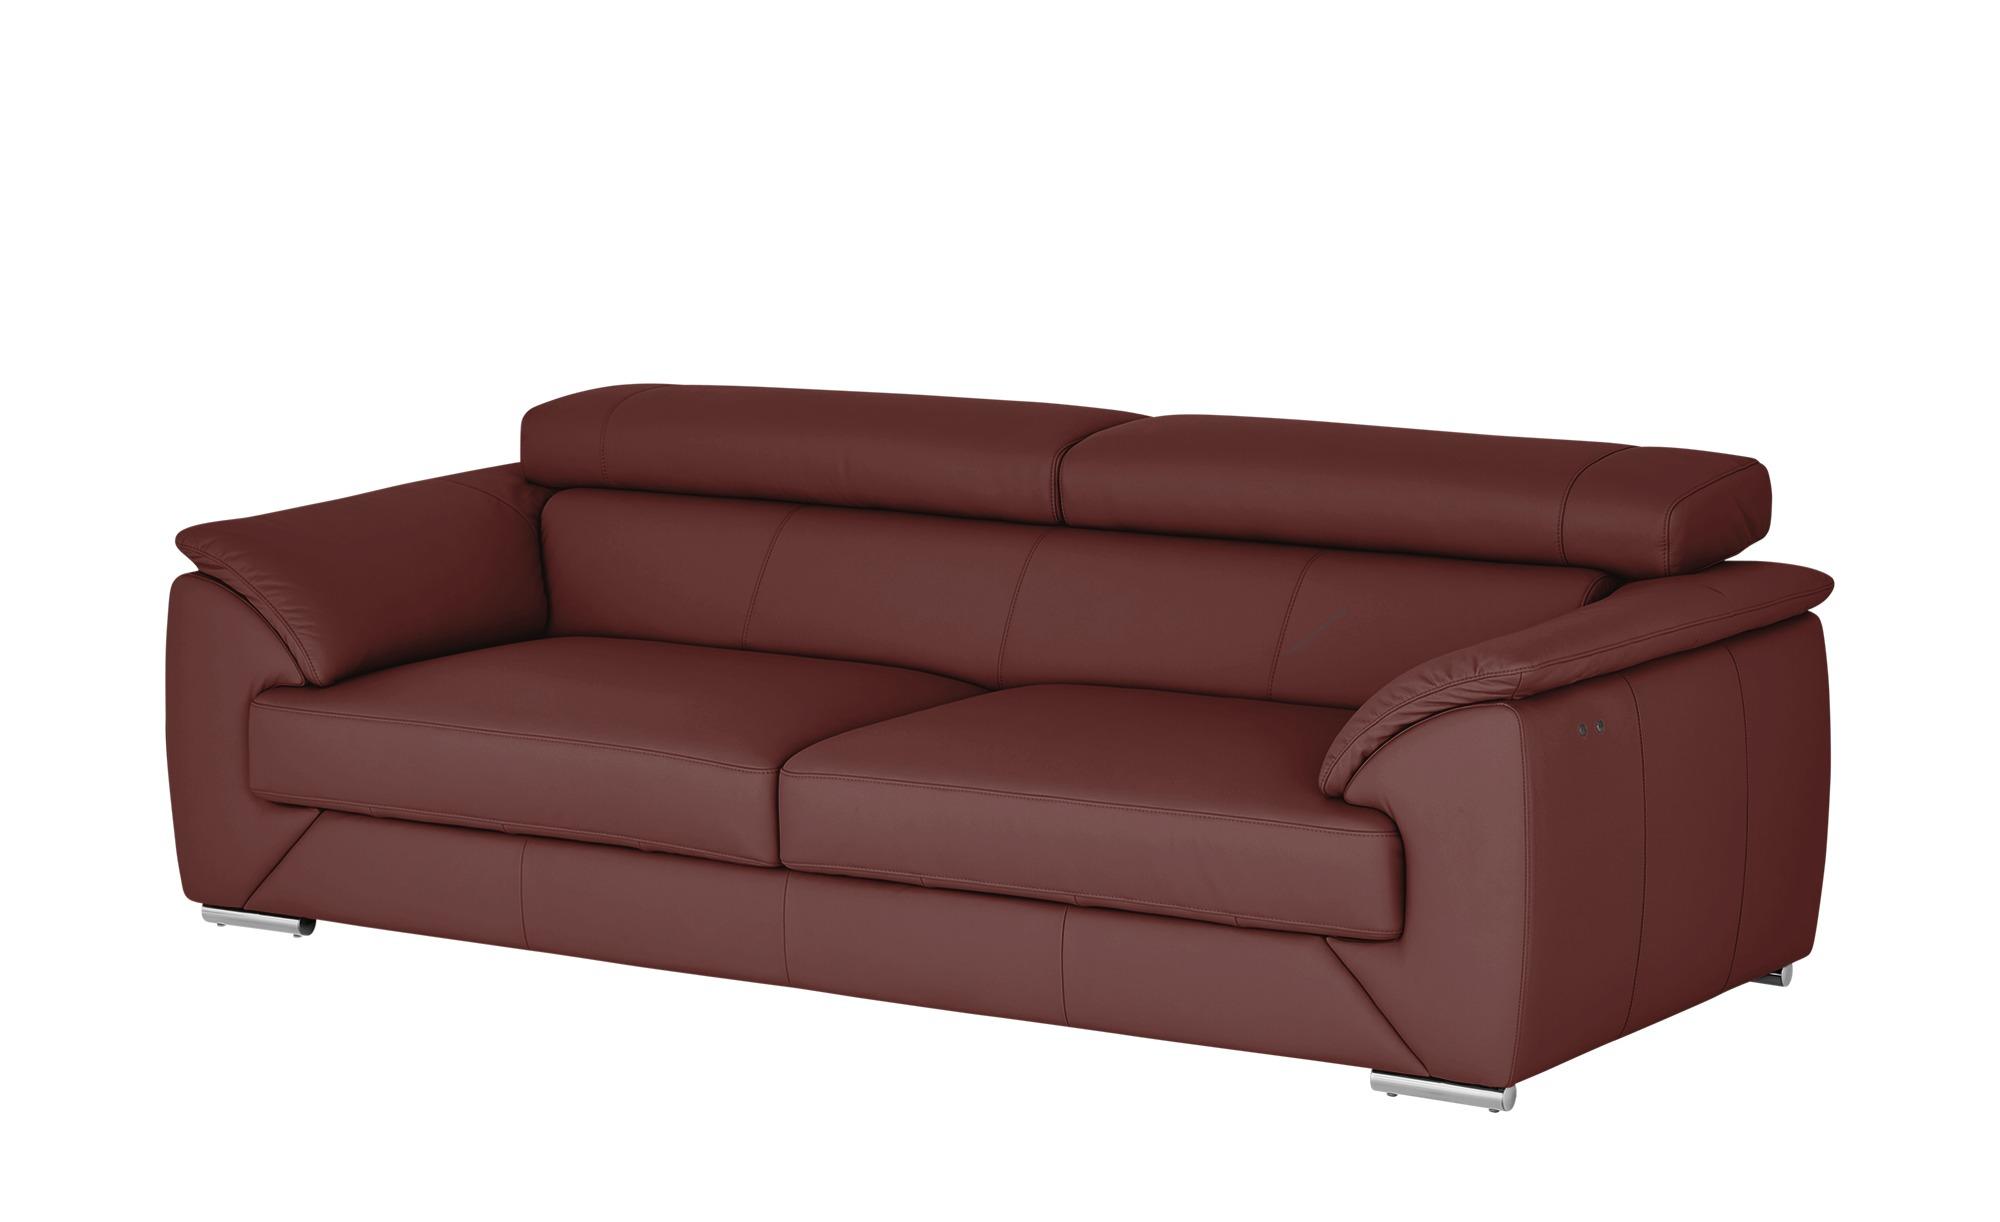 Ledersofa  Oscar ¦ rot ¦ Maße (cm): B: 232 H: 76 T: 100 Polstermöbel > Sofas > 3-Sitzer - Höffner